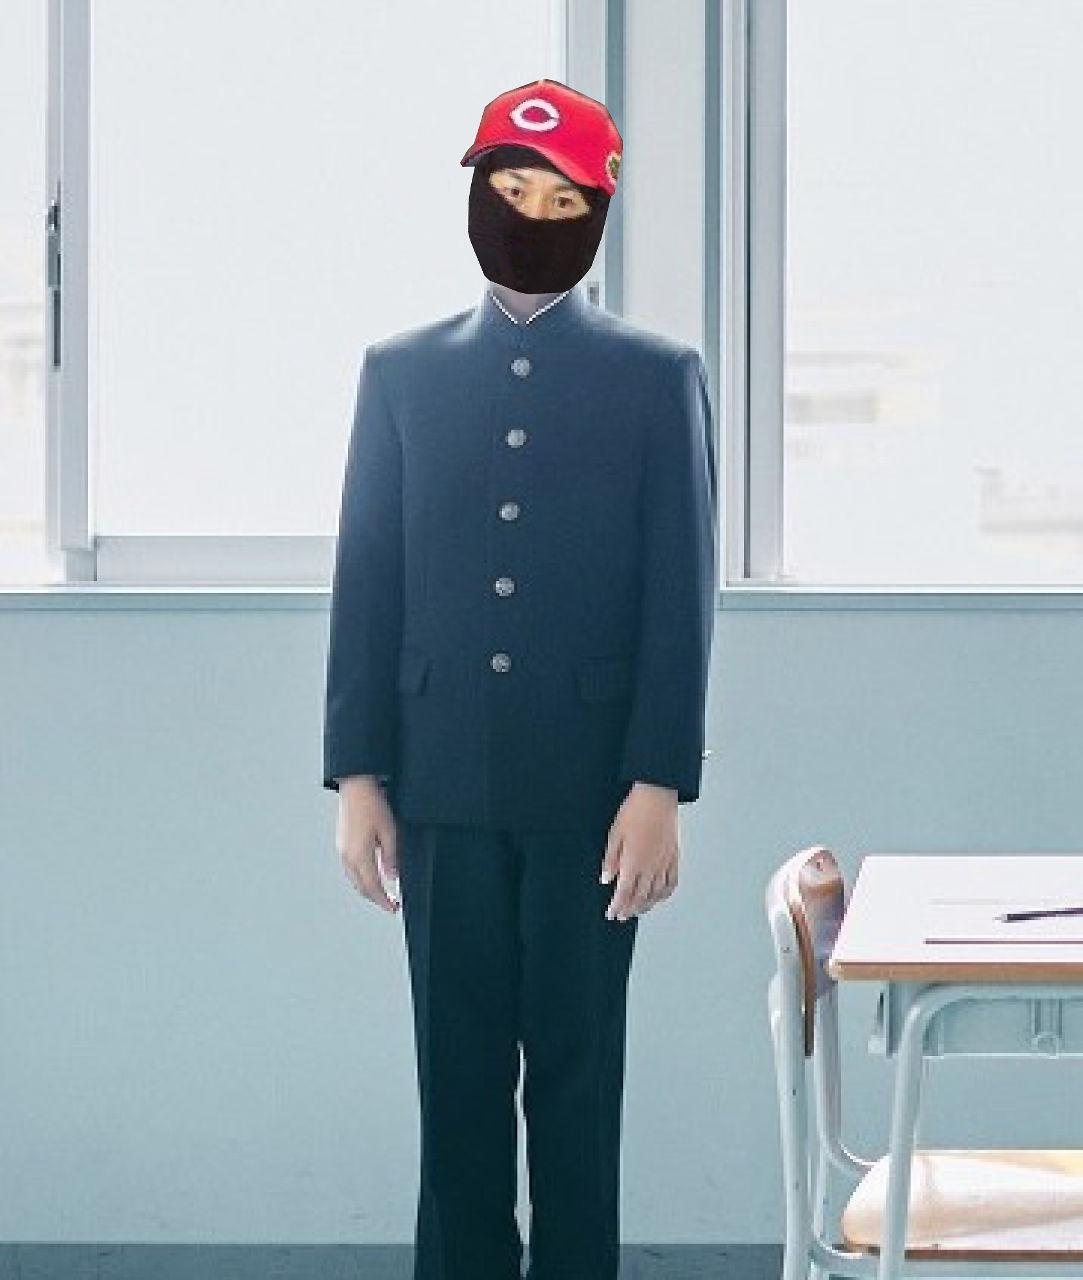 プラント・オパール・・・アクト3 ナオコさん、皆様・・・おはようございます。 今日も期待じゃ🎵 頑張ろうぉ〜🎵(^3^)/  ※本日は